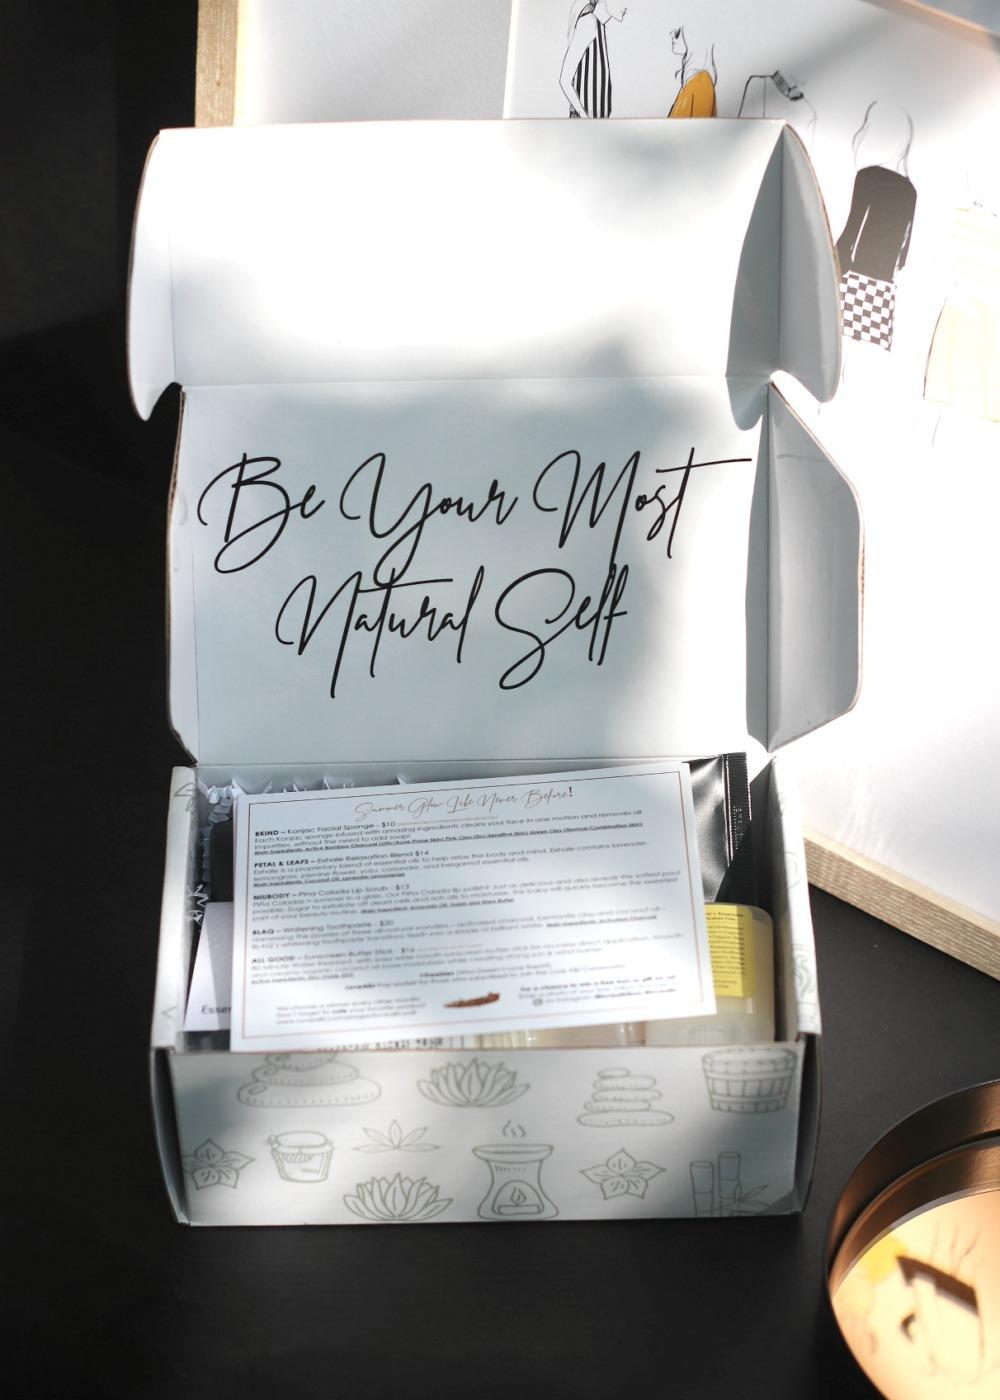 Love Aiki July 2019 inside the box